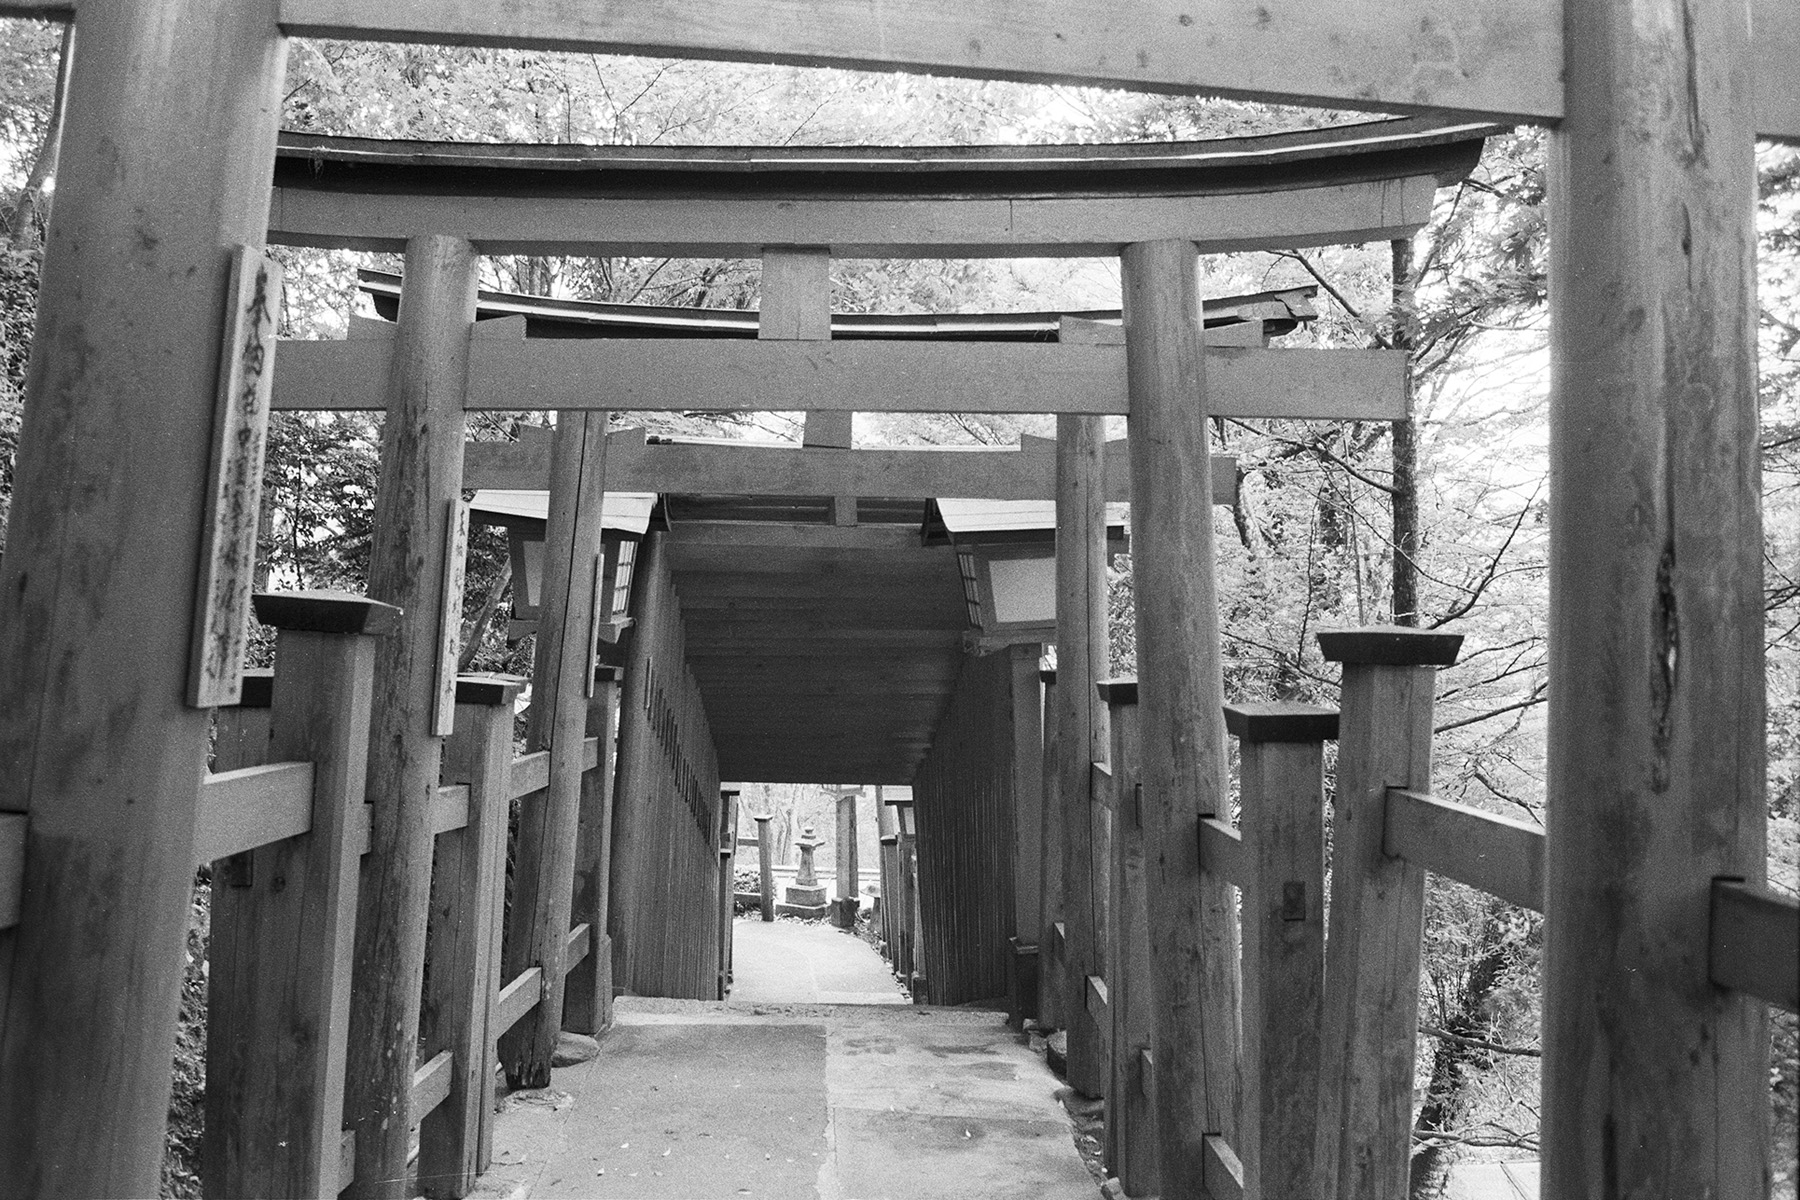 LiehSugai_Travel_Japan_06.jpg